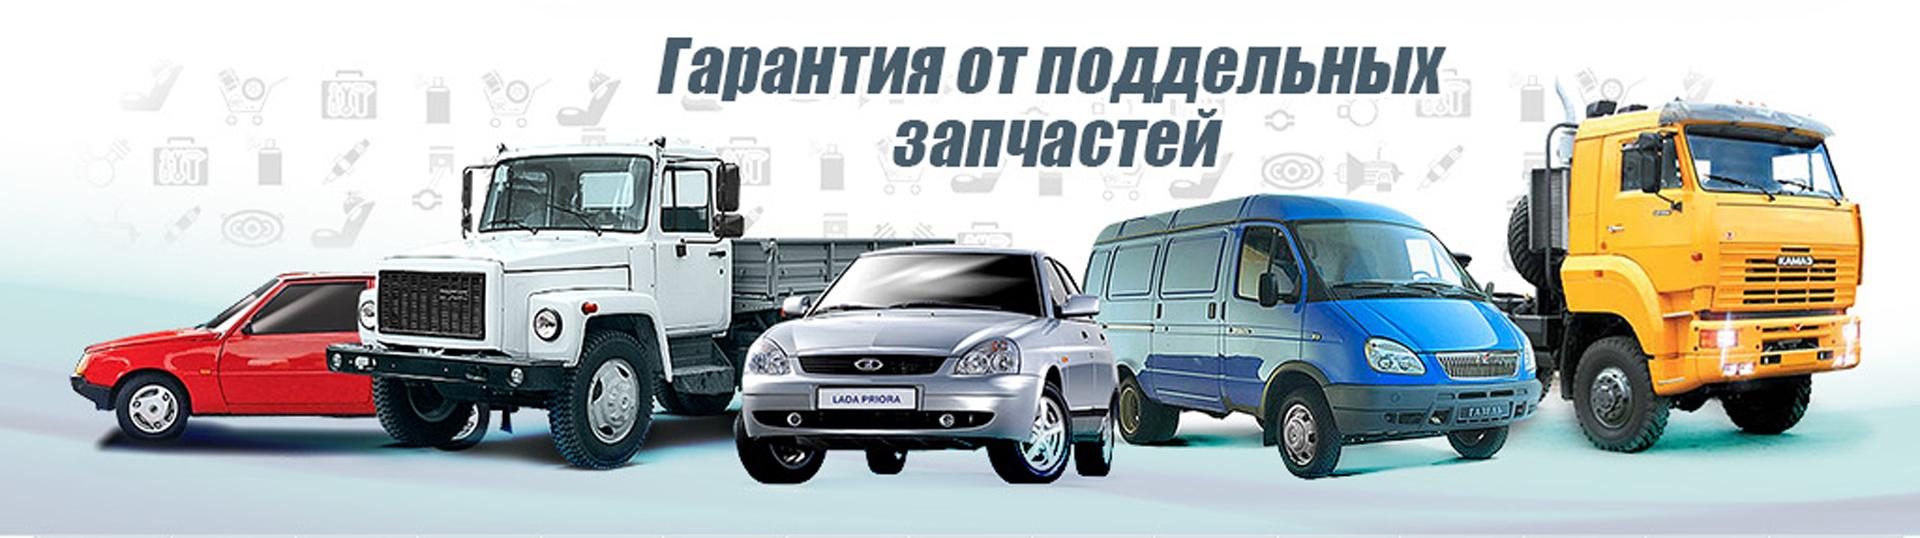 Гарантия. Интернет магазин запчастей «ГАЗ Детали машин»